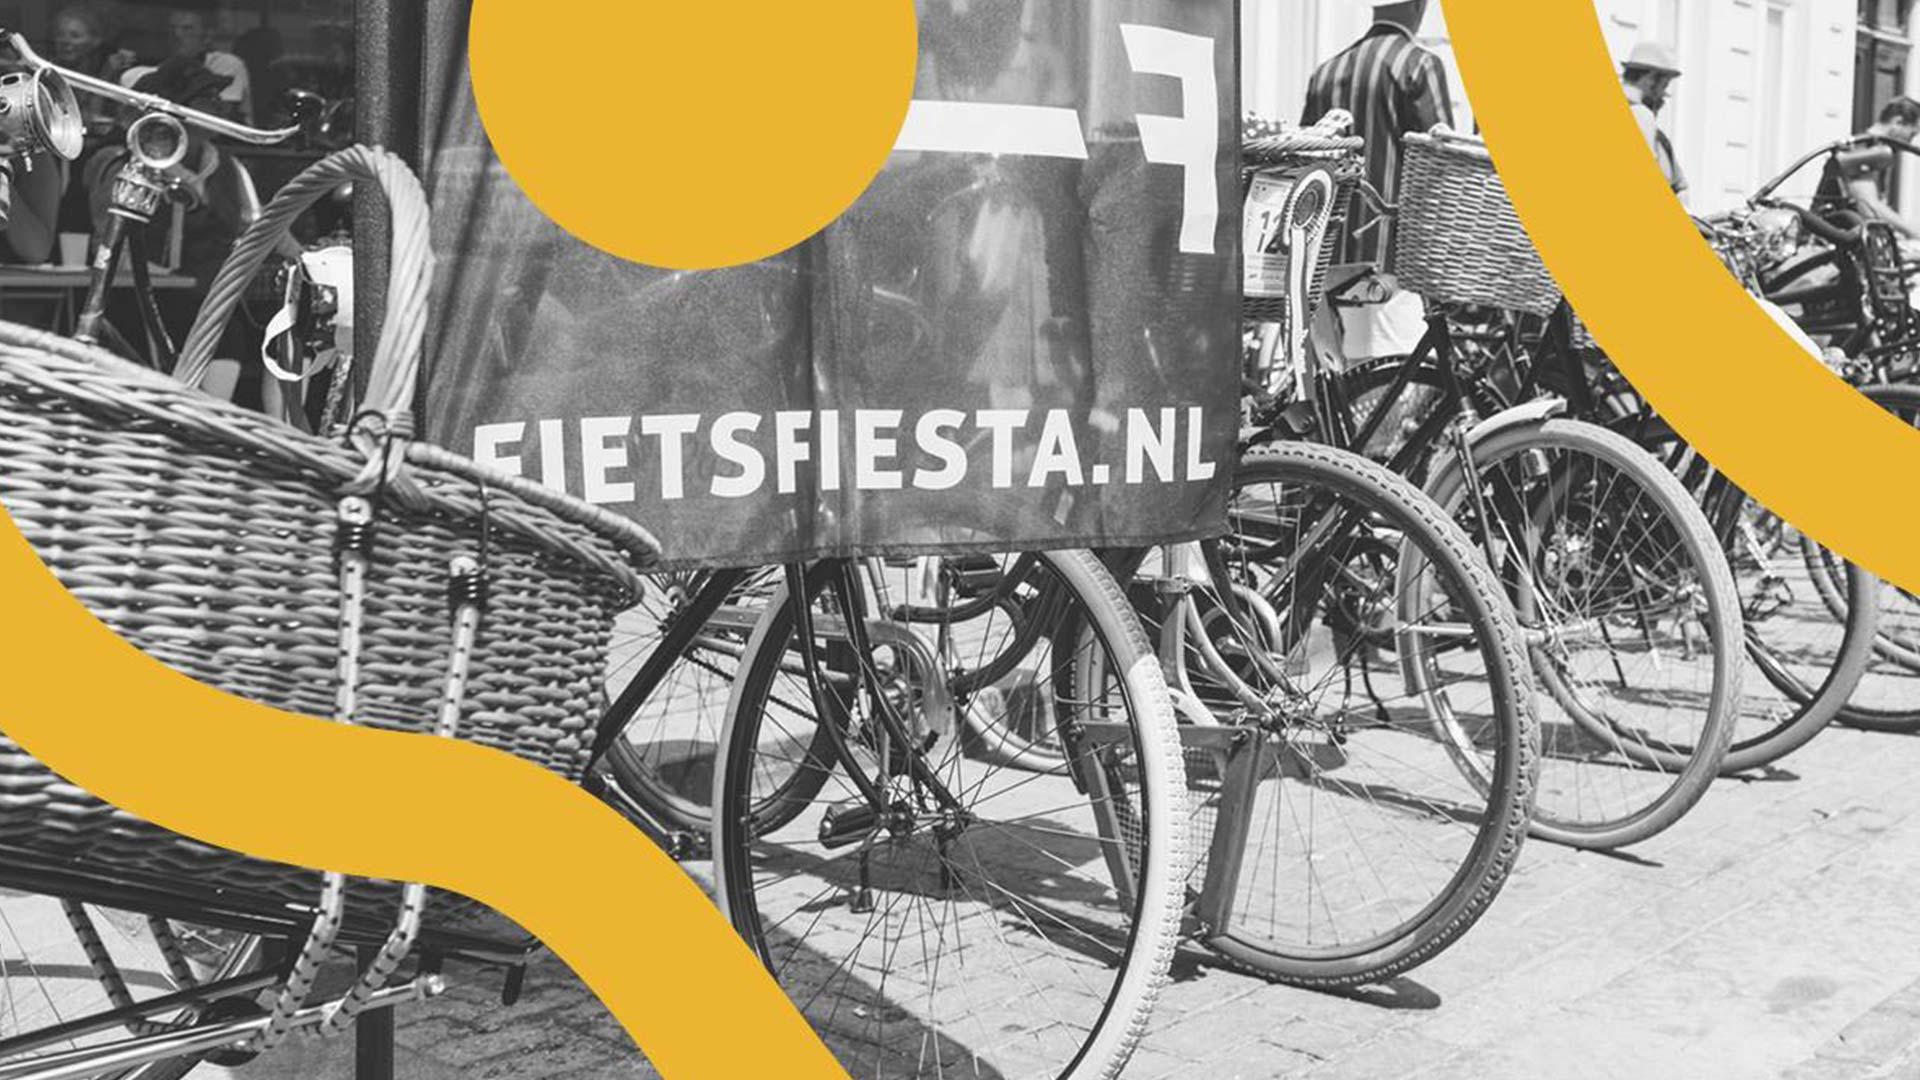 FIETSFIESTA, fietspassie van en voor de stad!